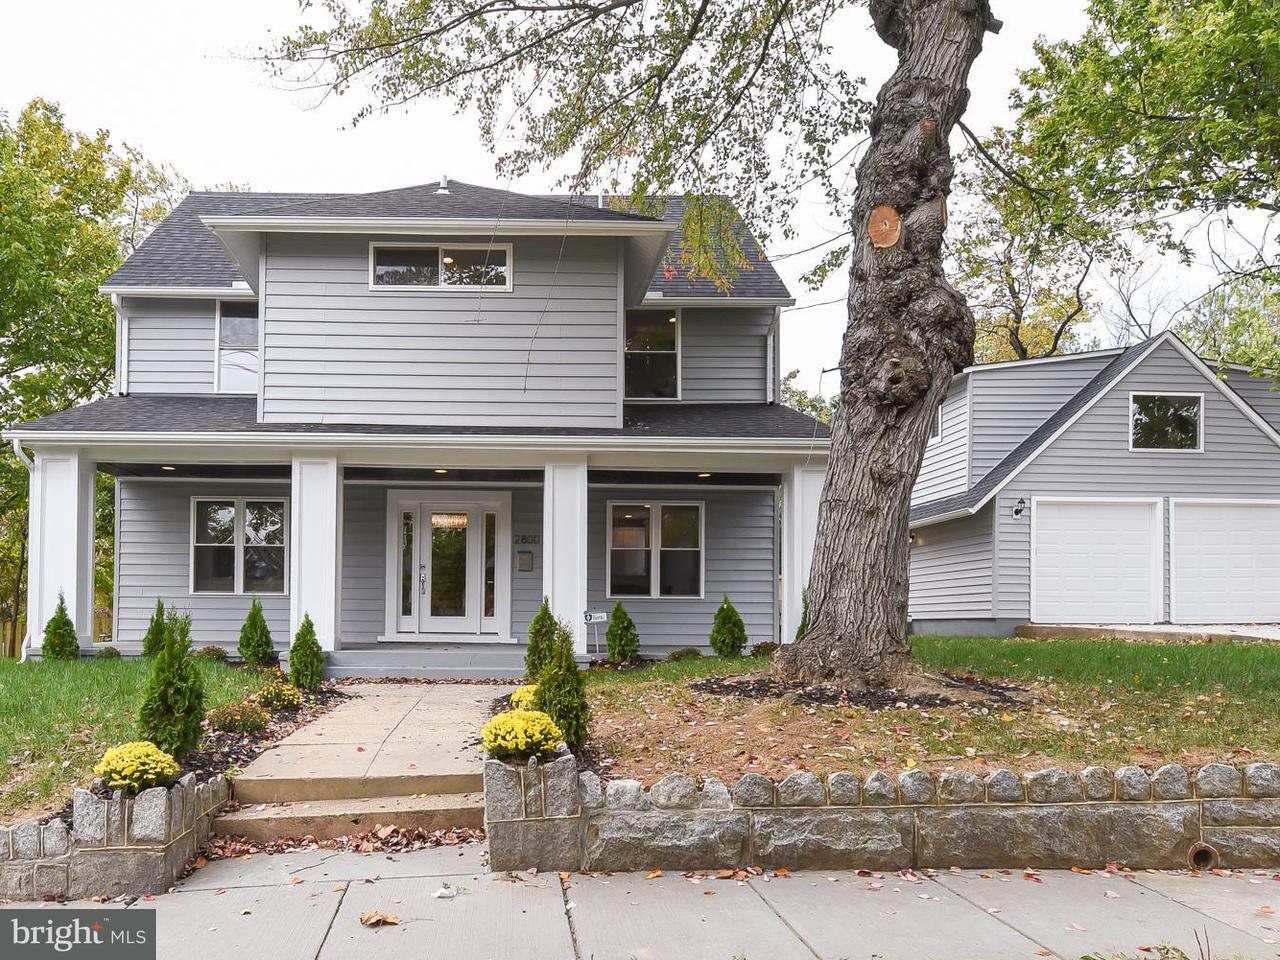 独户住宅 为 销售 在 2800 13TH ST NE 2800 13TH ST NE 华盛顿市, 哥伦比亚特区 20017 美国